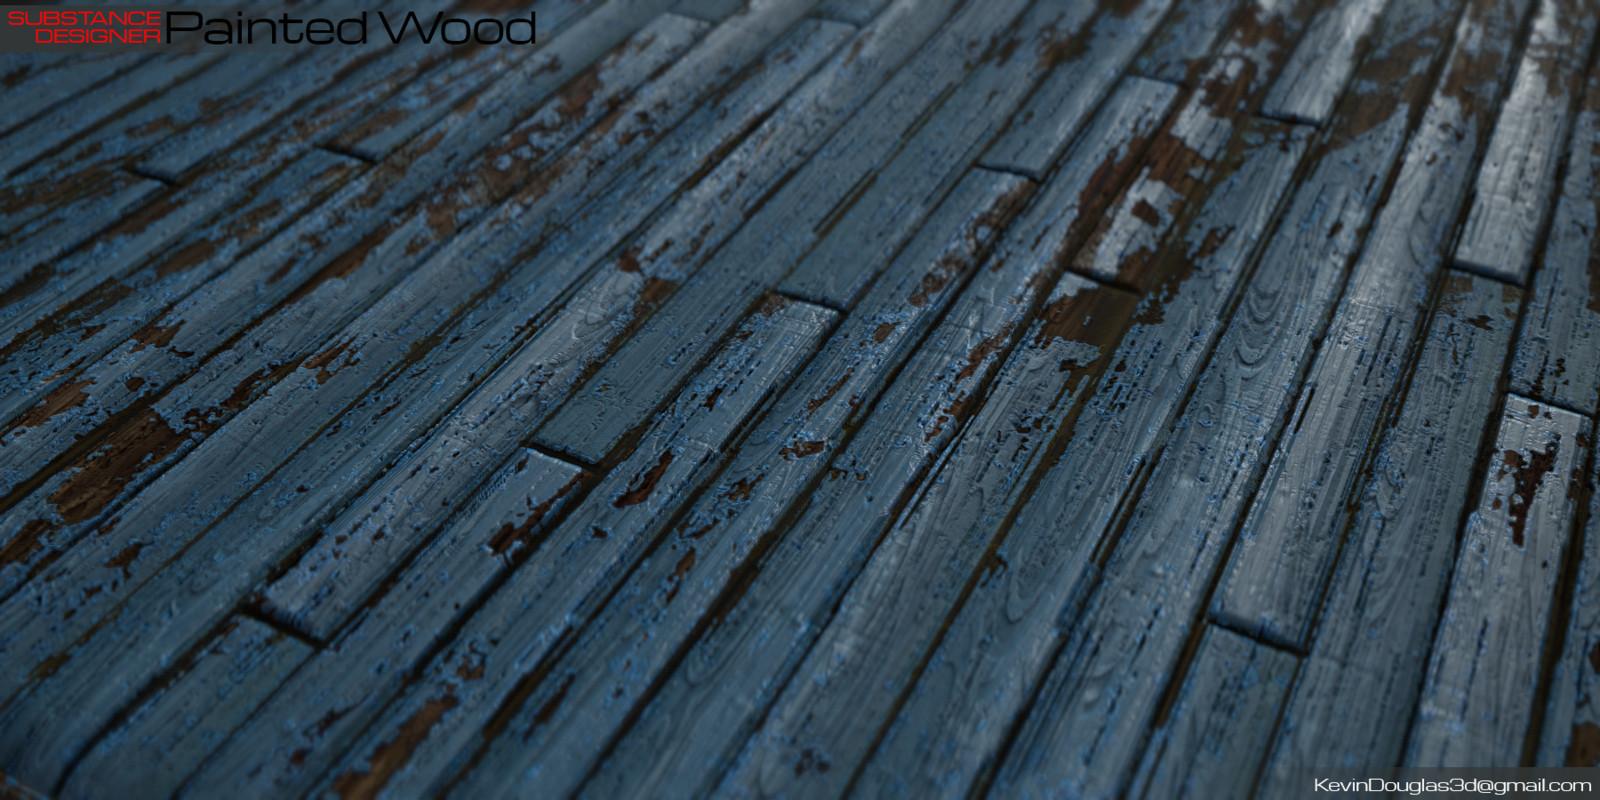 Painted Wood on Plane